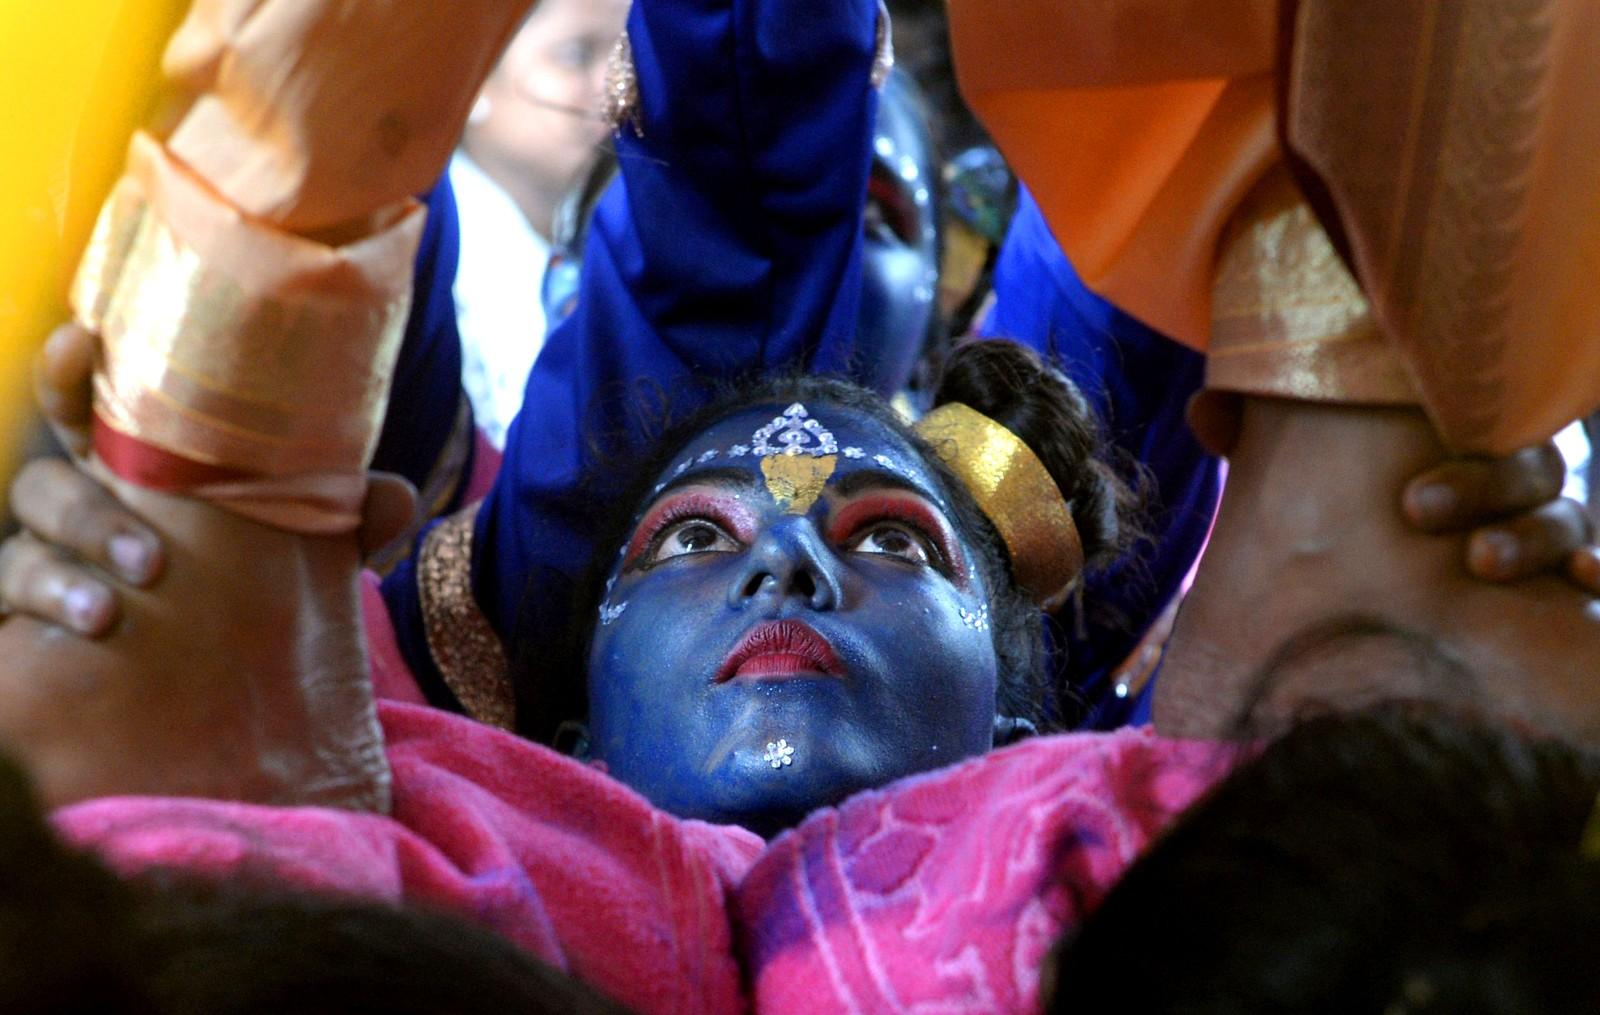 """En indisk kvinne kledd ut som den hinduistiske guden Krishna er med på å forme en menneskelig pyramide under feiringen av """"Janmashtami"""", som markerer Krishnas fødsel. Fra i år får ikke barn lov til å bli med på den populære, men potensielt farlige festivalen. Bildet er tatt den 23. august."""